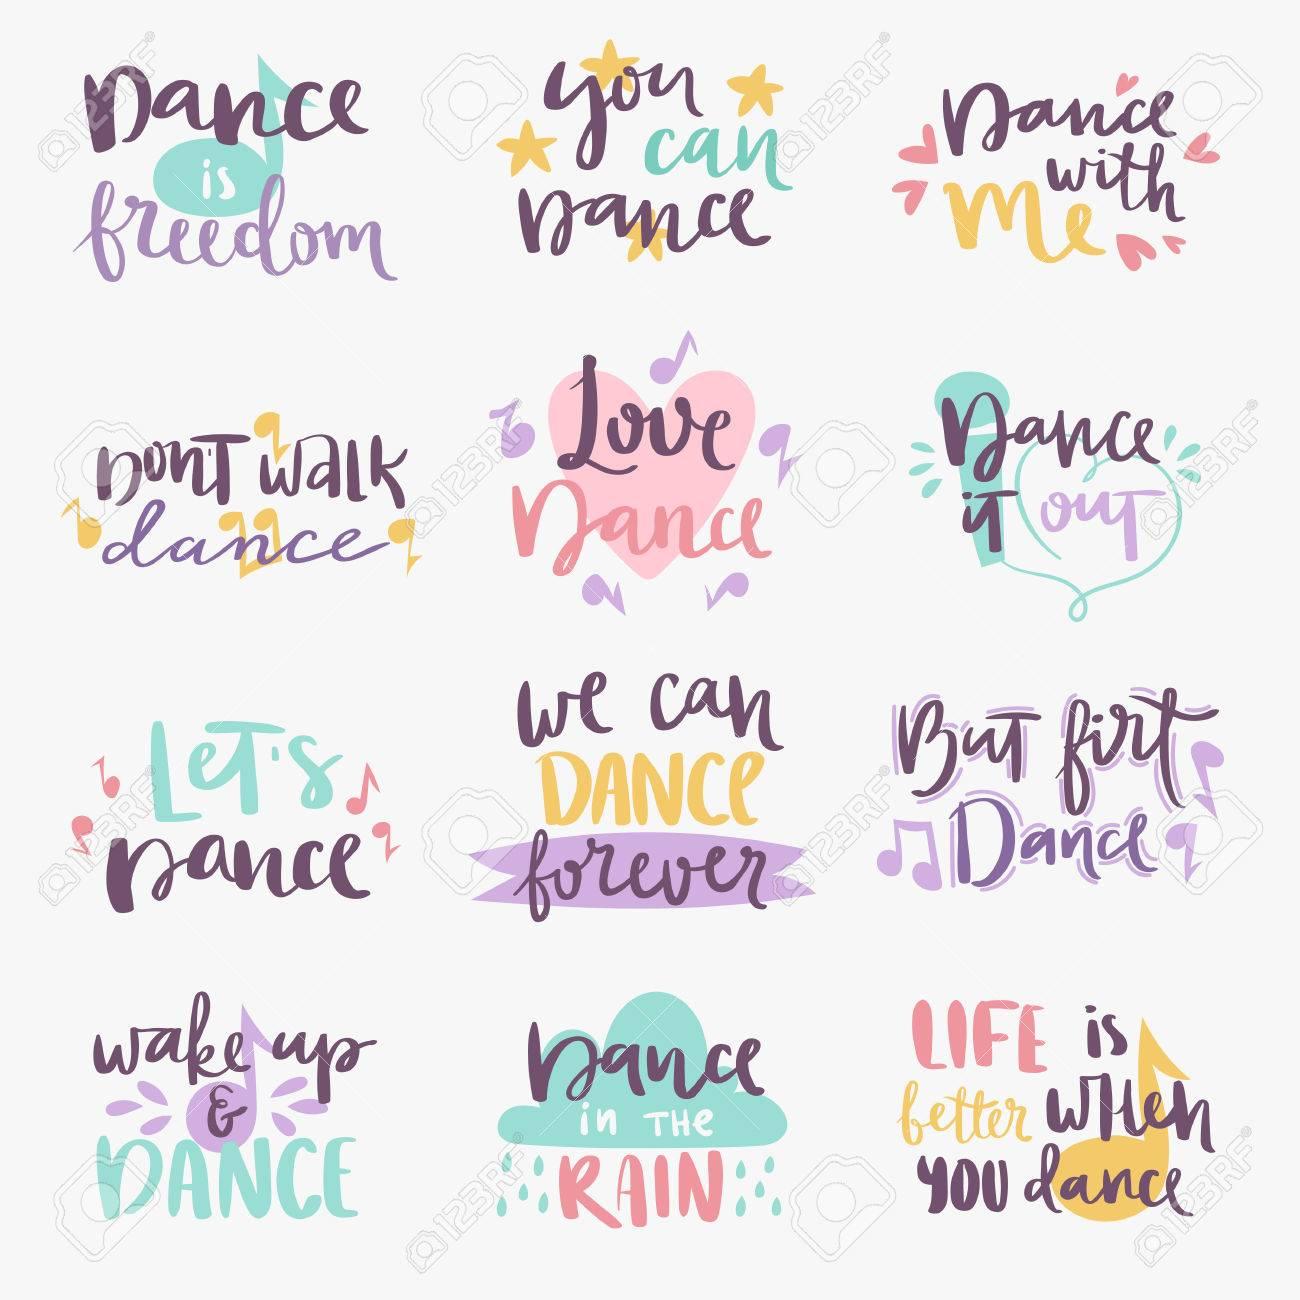 Frase De Letras Dibujadas A Mano Aisladas Sobre Fondo Blanco Y Cita De Caligrafía Para Imprimir Ilustración De Música De Baile Insignia De Motivación